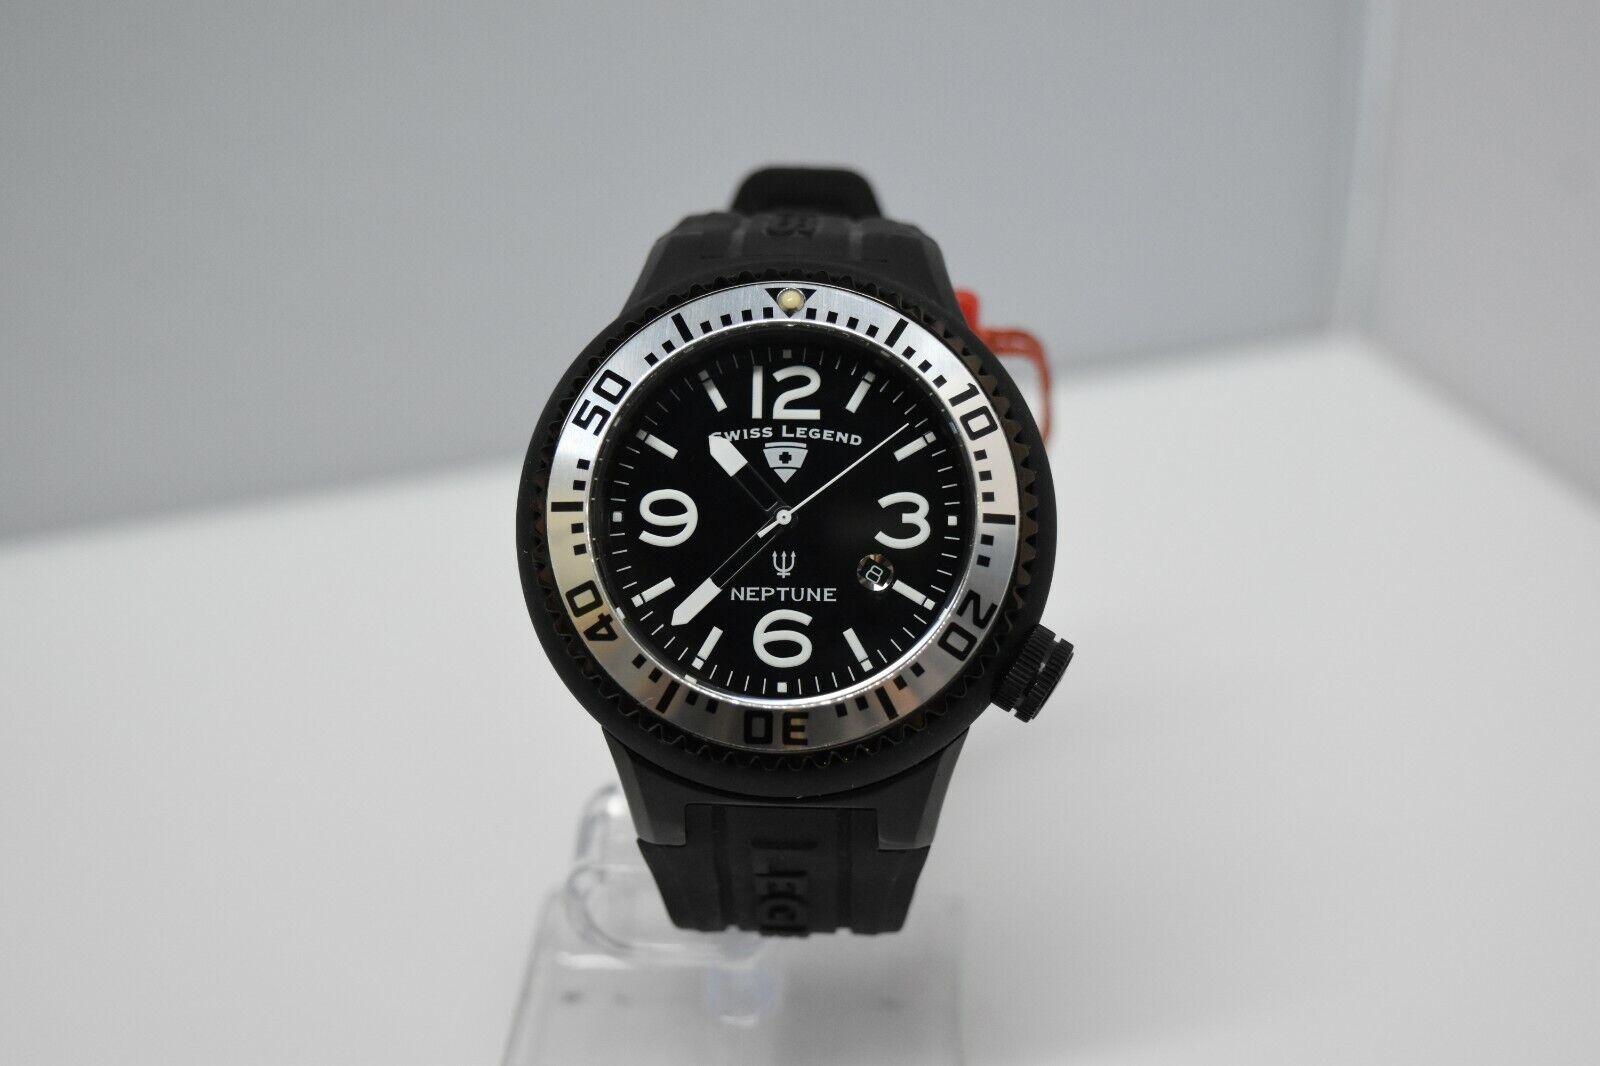 Swiss Legend Neptune Swiss Oversized 52mm Watch All Black/SS